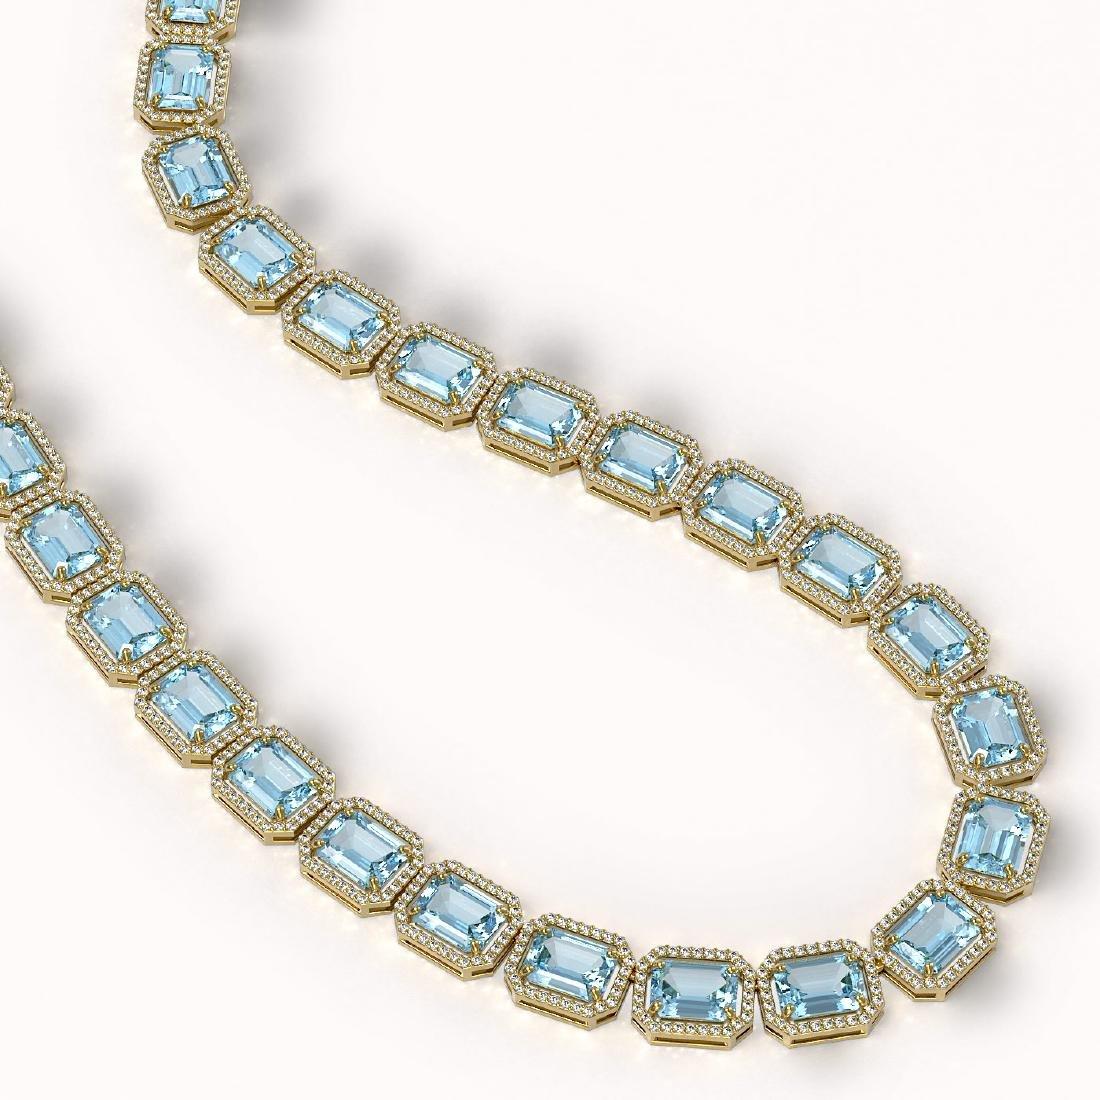 78.34 CTW Sky Topaz & Diamond Halo Necklace 10K Yellow - 2